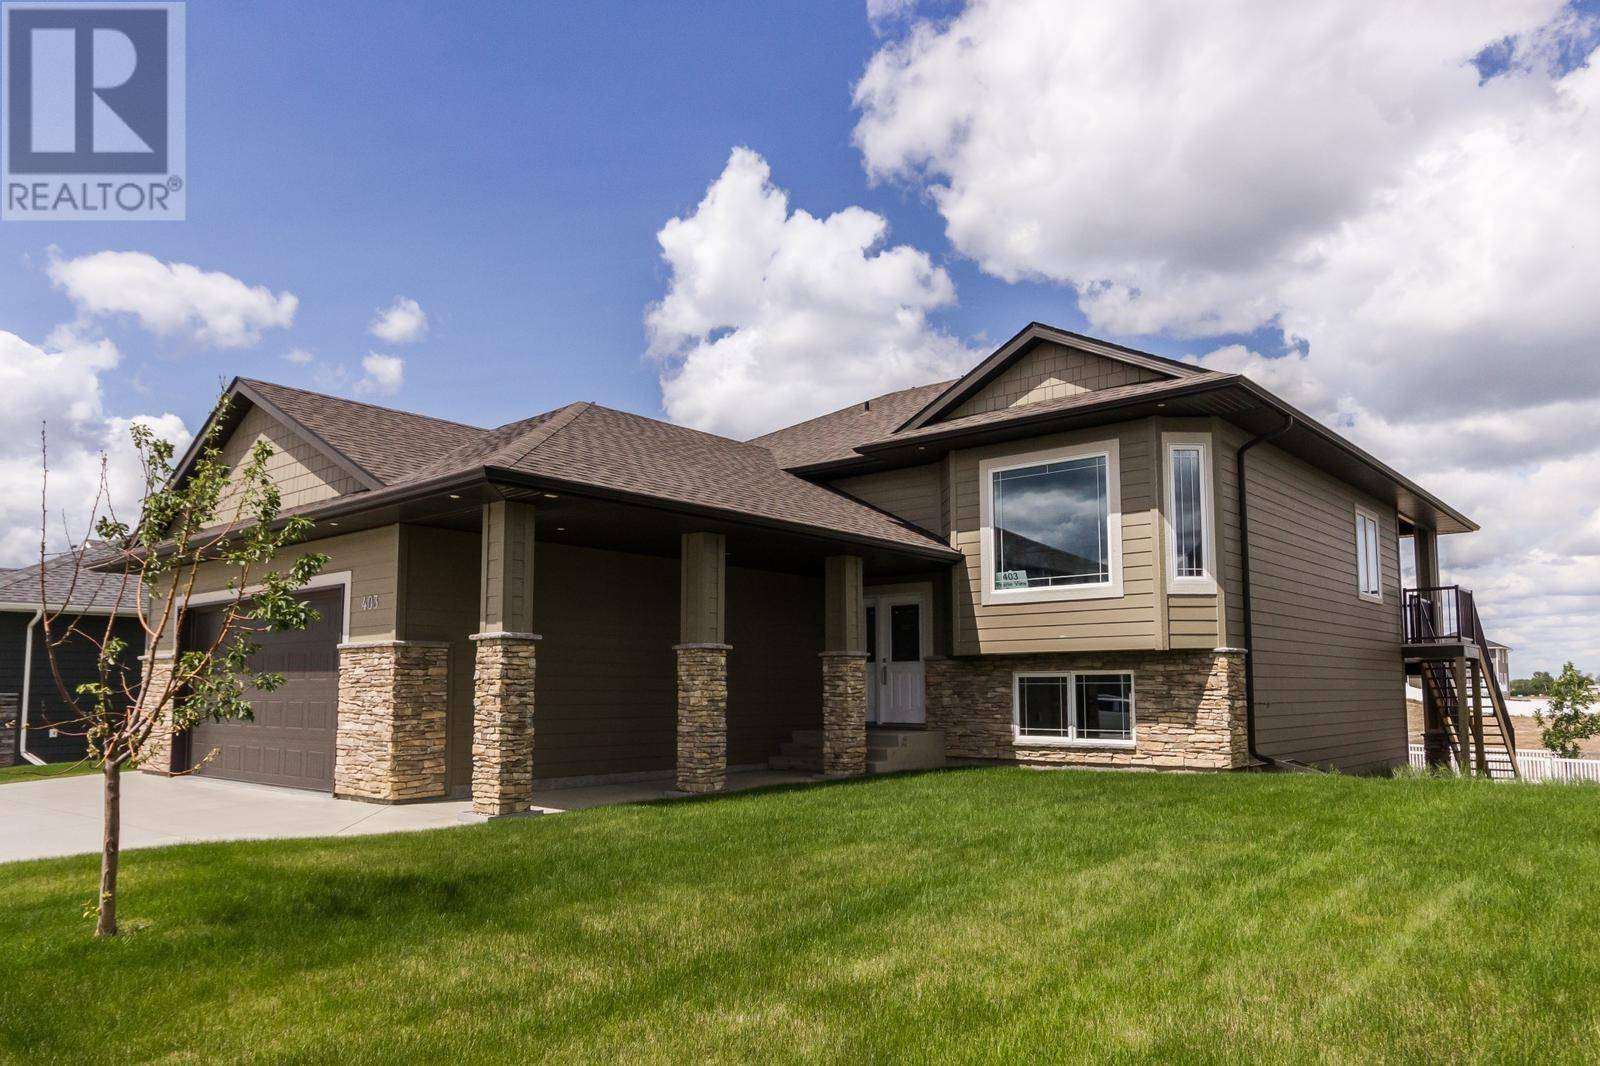 House for sale at 403 Prairie View Dr Dundurn Saskatchewan - MLS: SK764117